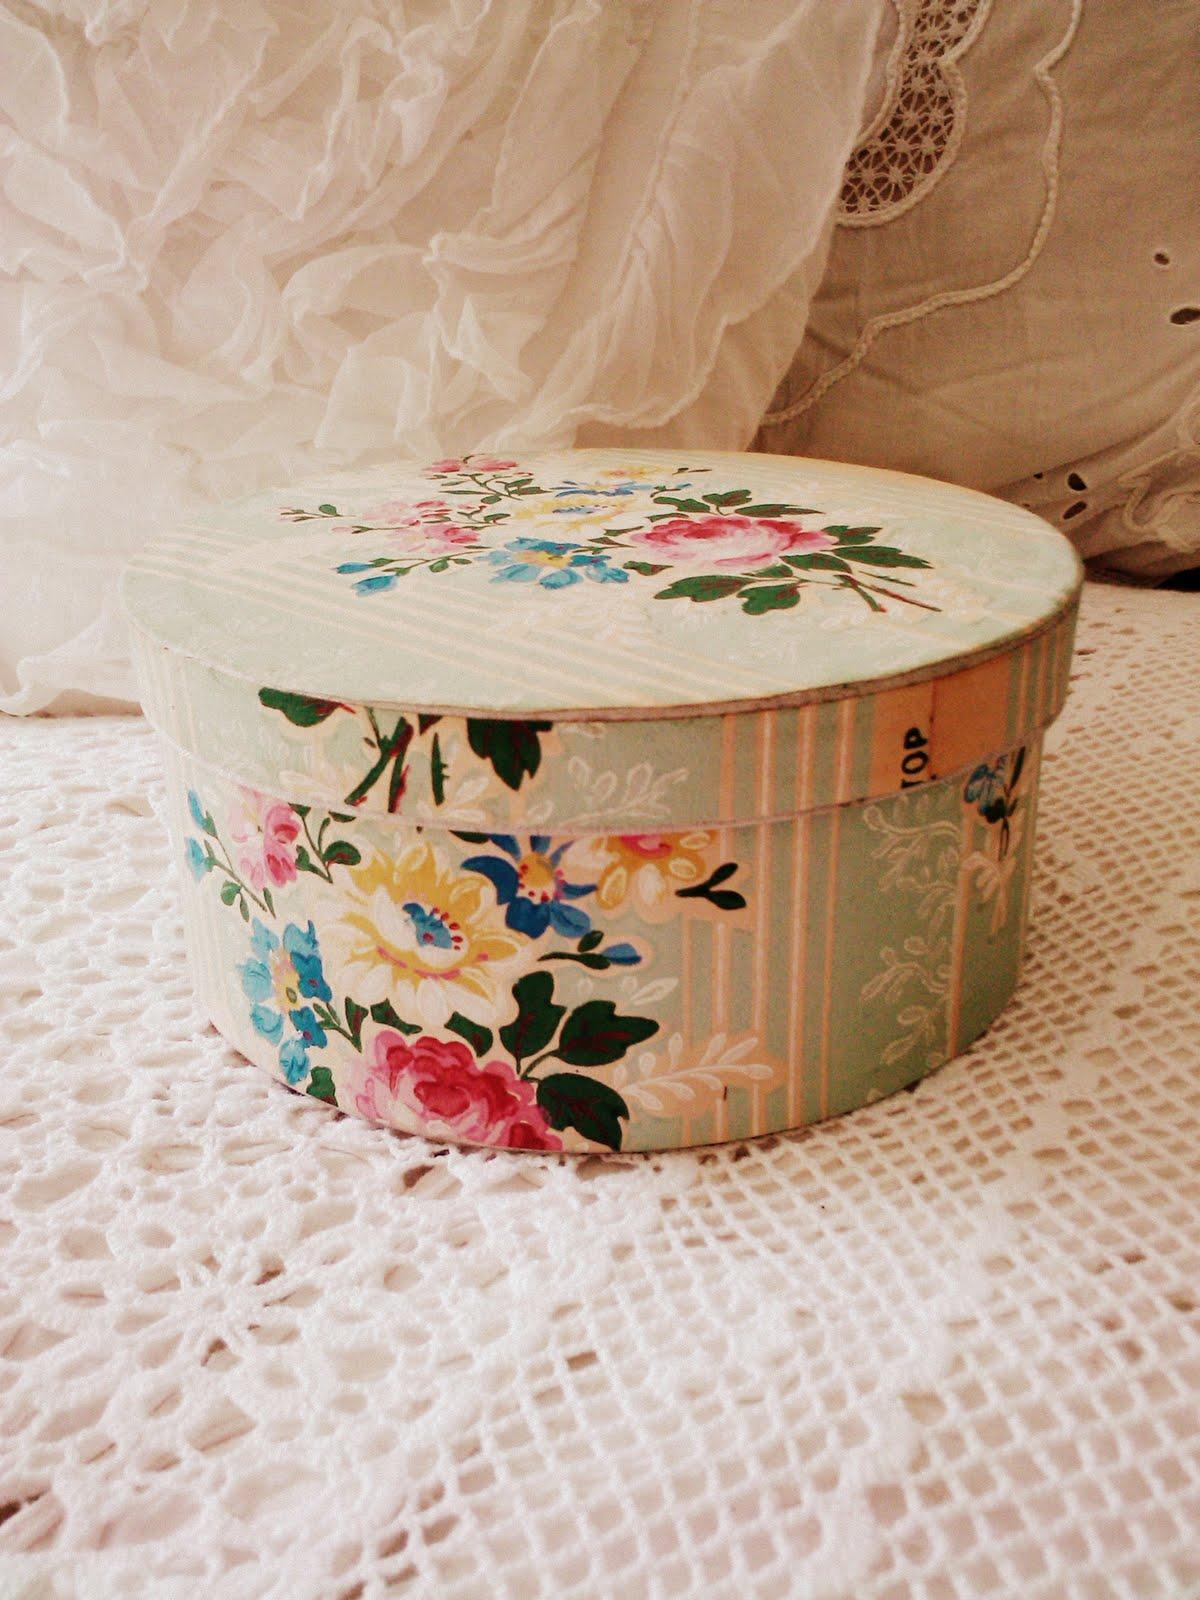 http://1.bp.blogspot.com/-OWxeOC1FzwI/TeTFH_kjfvI/AAAAAAAABWs/JpyPoXZtvAE/s1600/vintage+boxes+%2526+house+206.1+-+Copy+-+Copy.jpg